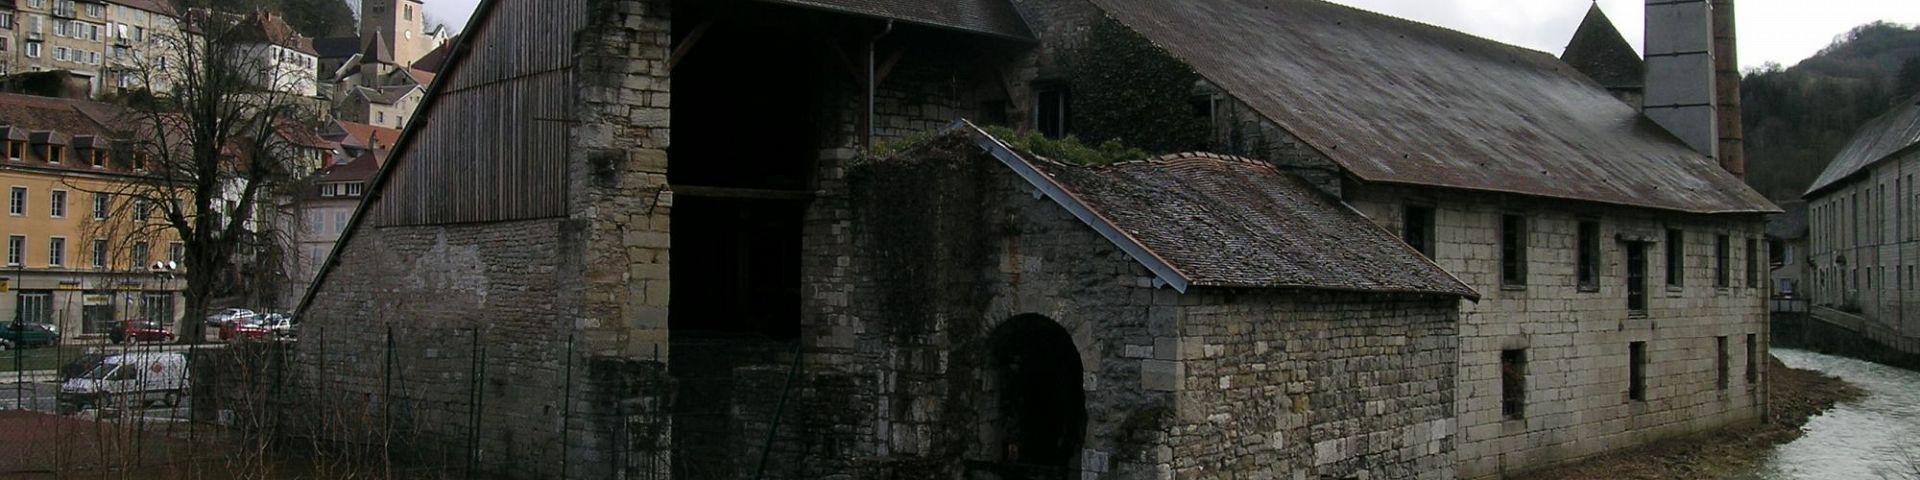 Salins-Les-Bains - Salines Royales (39)